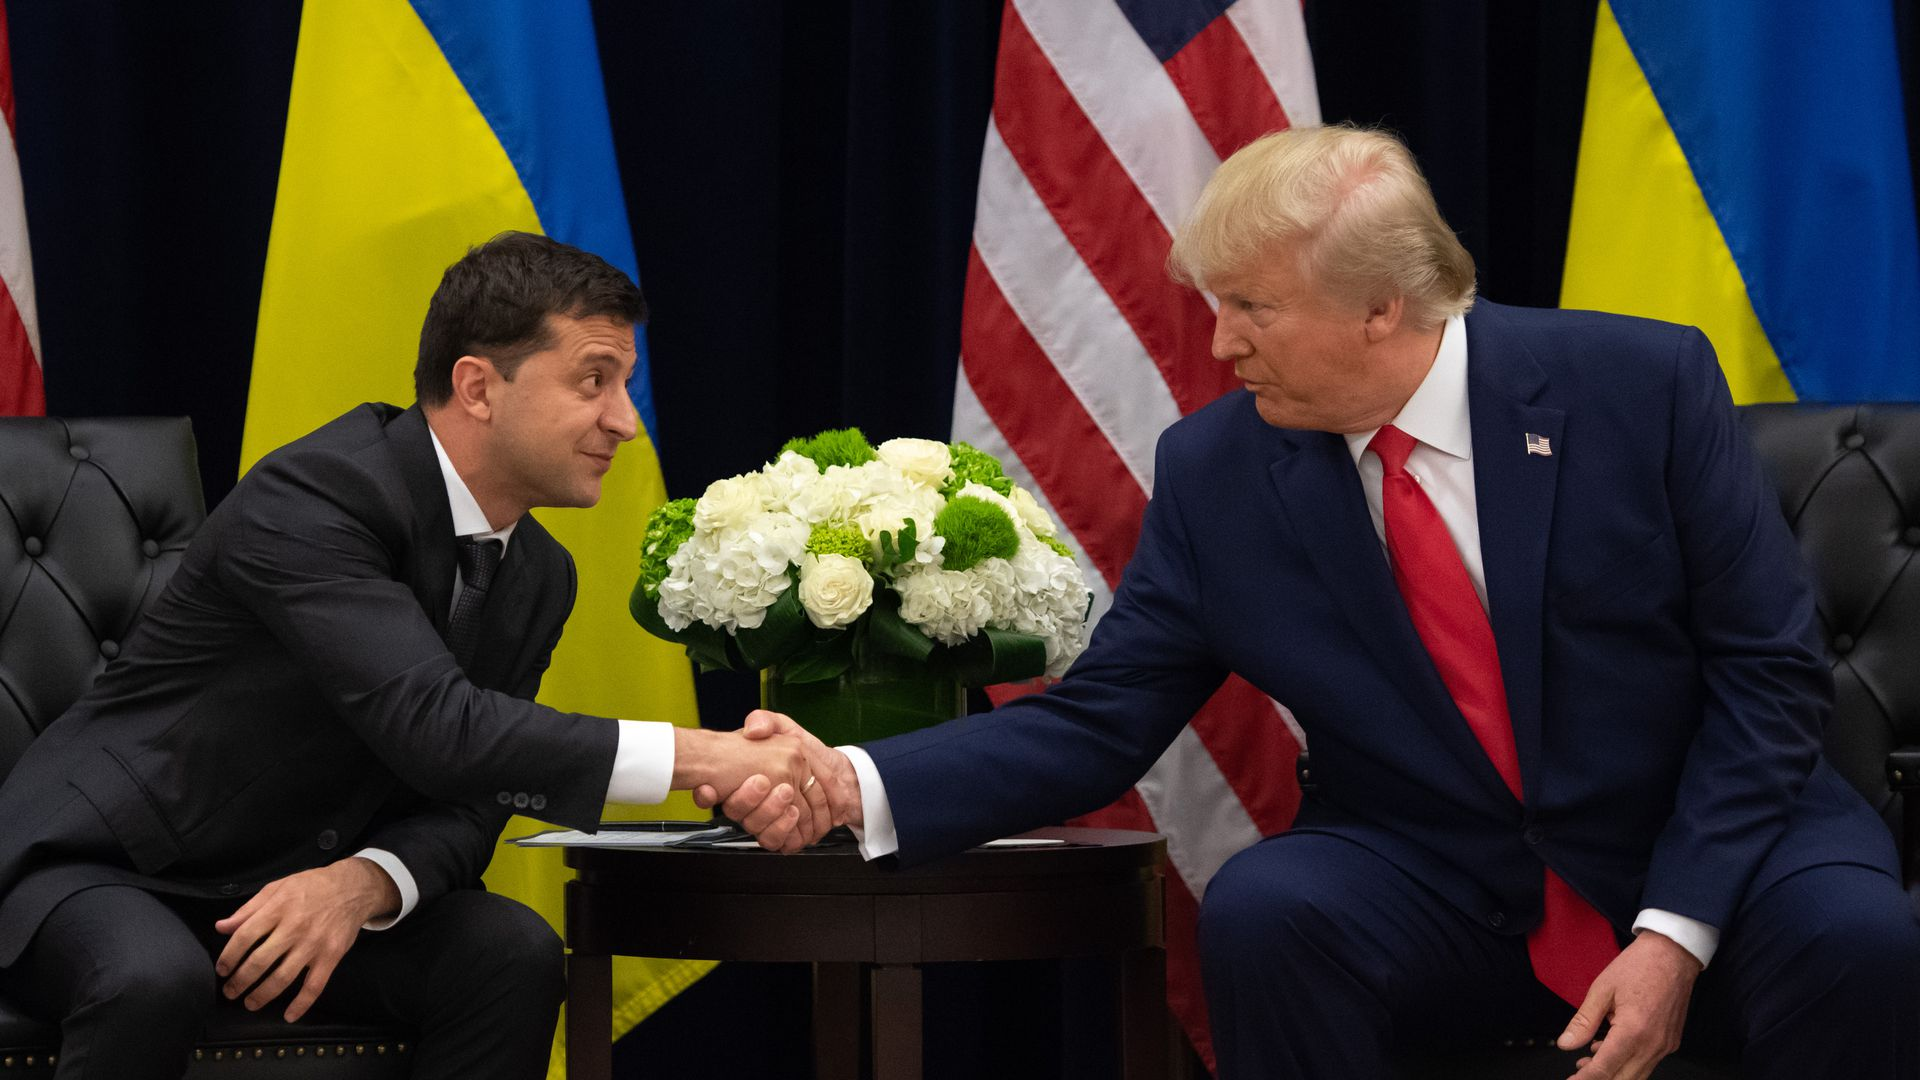 Trump and Zelensky